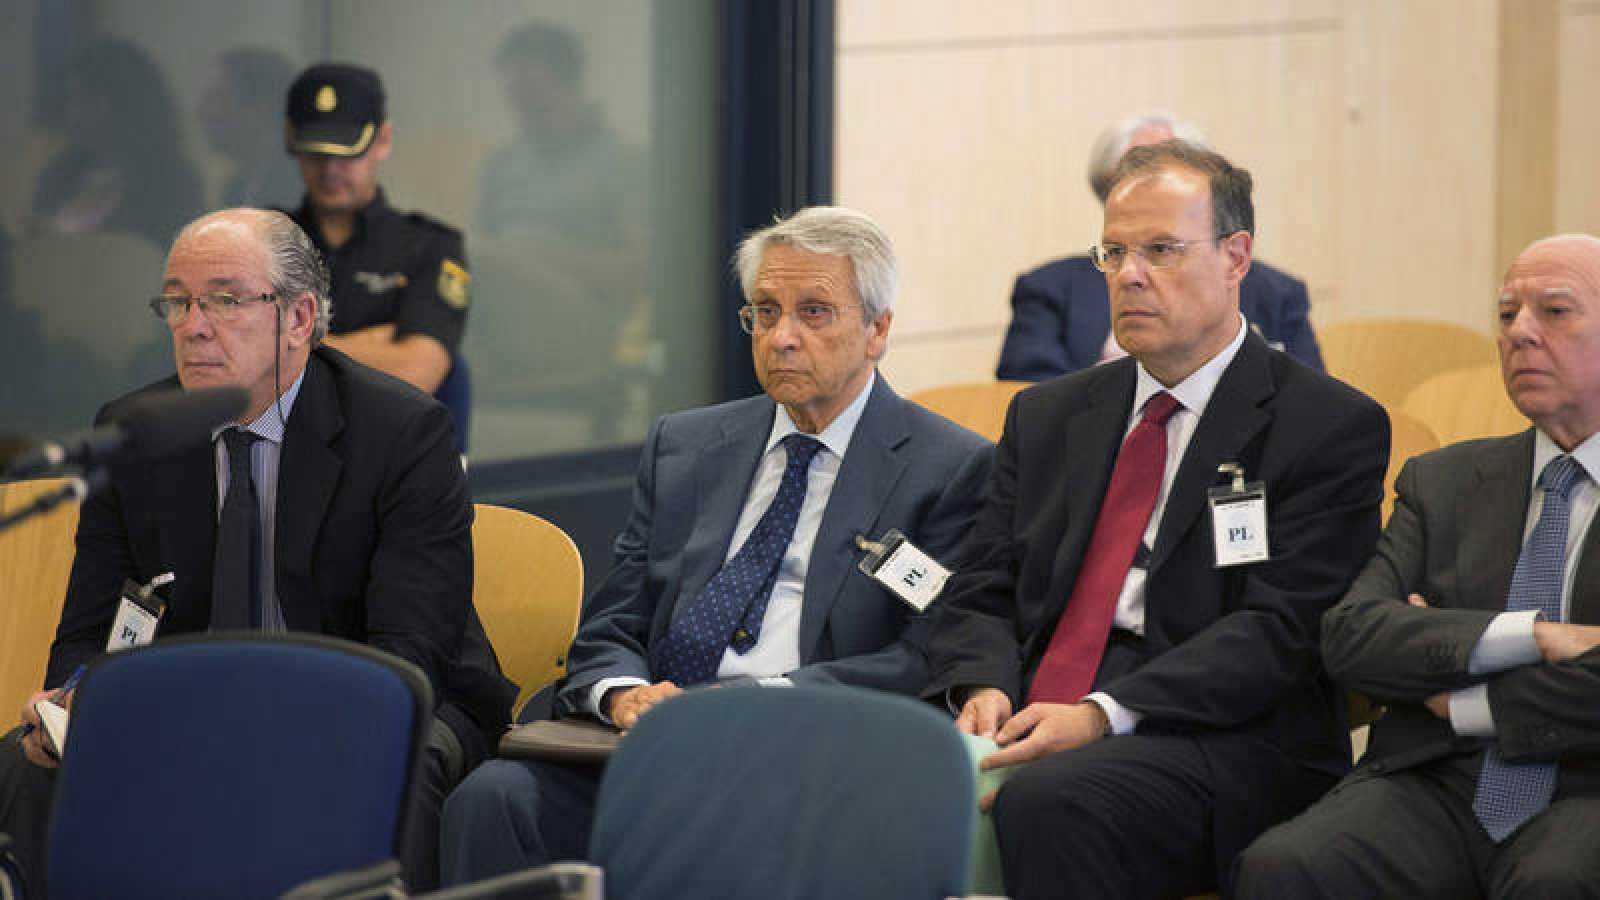 Los exdirectivos de NCG Banco, Gregorio Gorriarán, Julio Fernández Gayoso, José Luis Pego y Óscar Rodríguez Estrada durante el juicio contra ellos en la Audiencia Nacional en 2015.